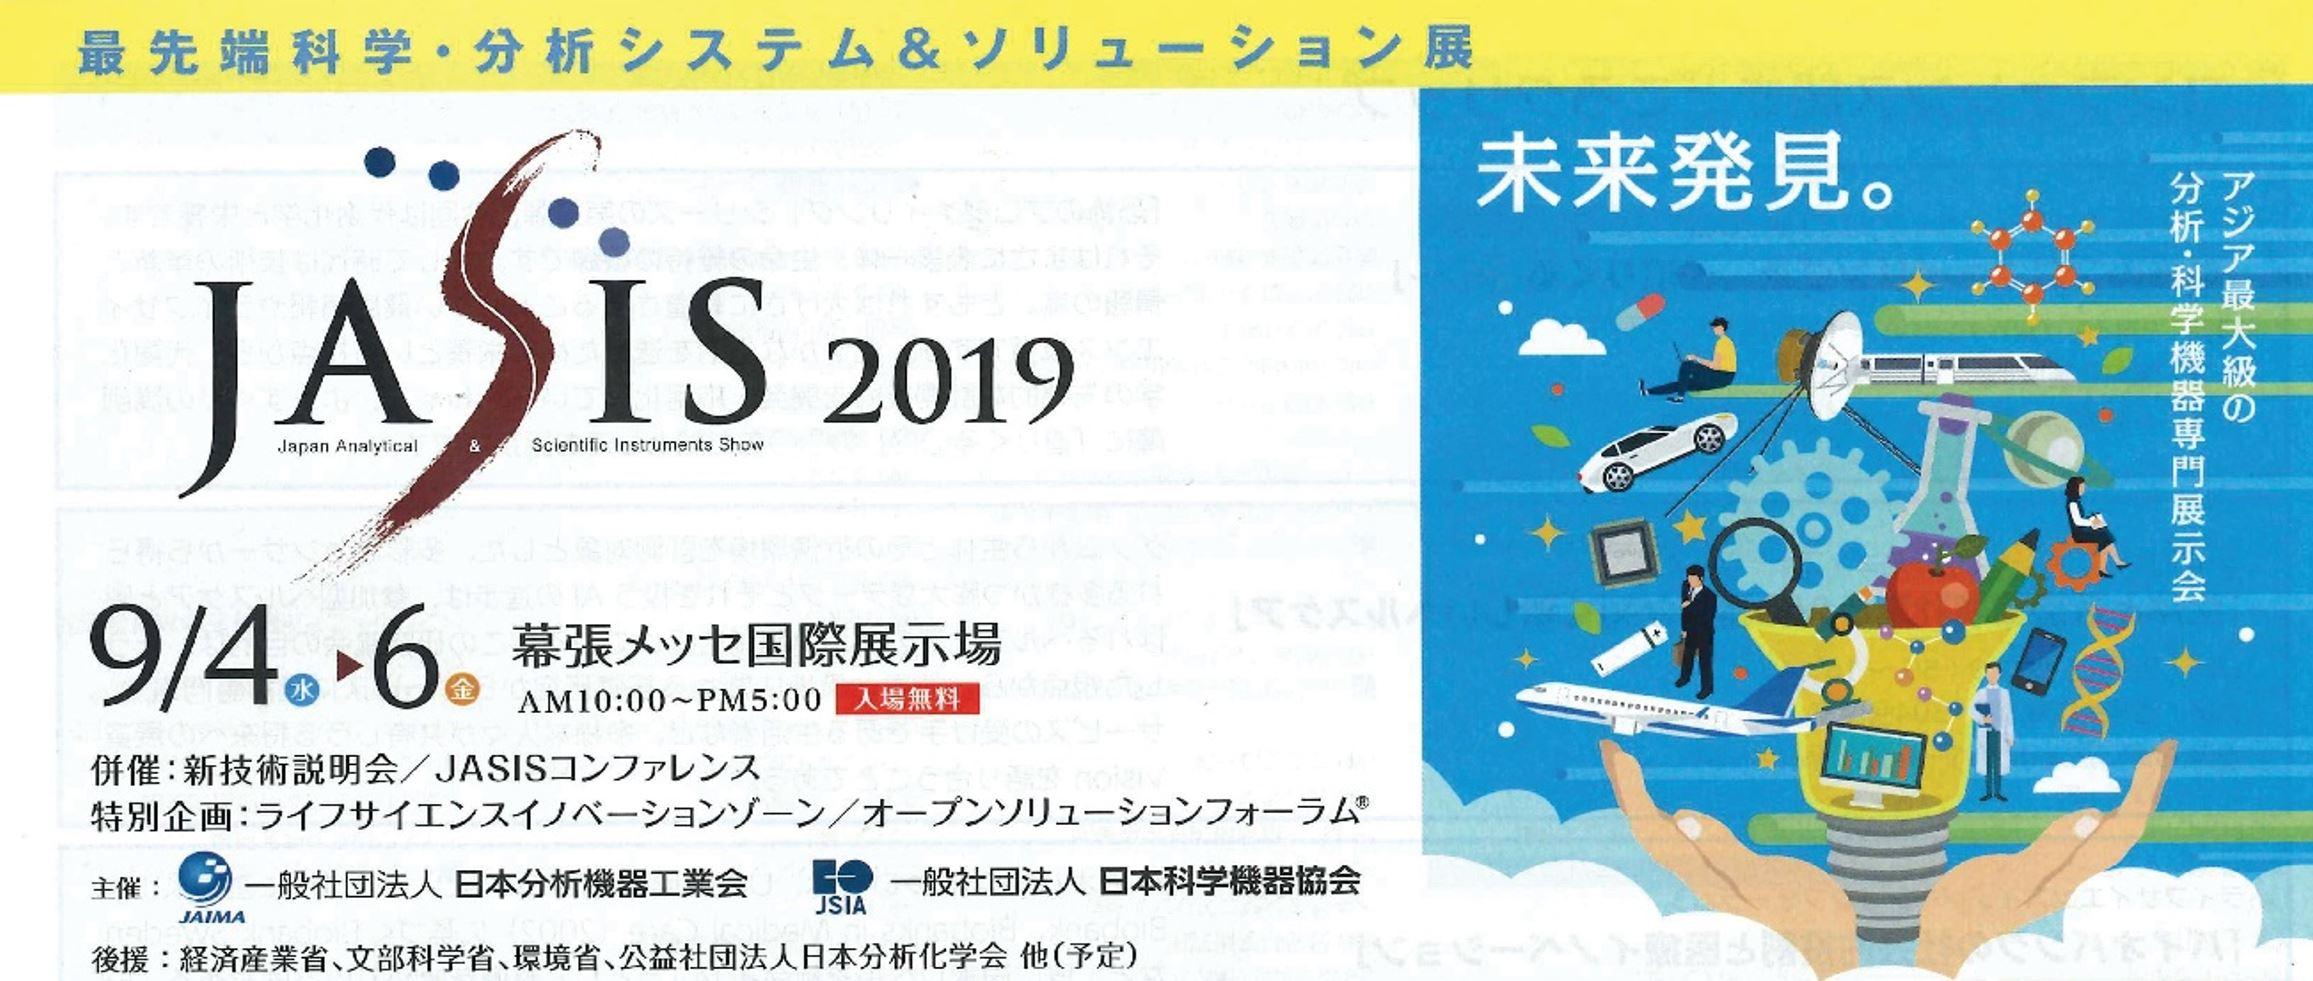 「JASIS 2019」アジア最大級の分析・科学機器専門展示会 2019年9月4日(水)~6日(金) 幕張メッセ国際展示場 AM10:00~PM5:00 入場無料